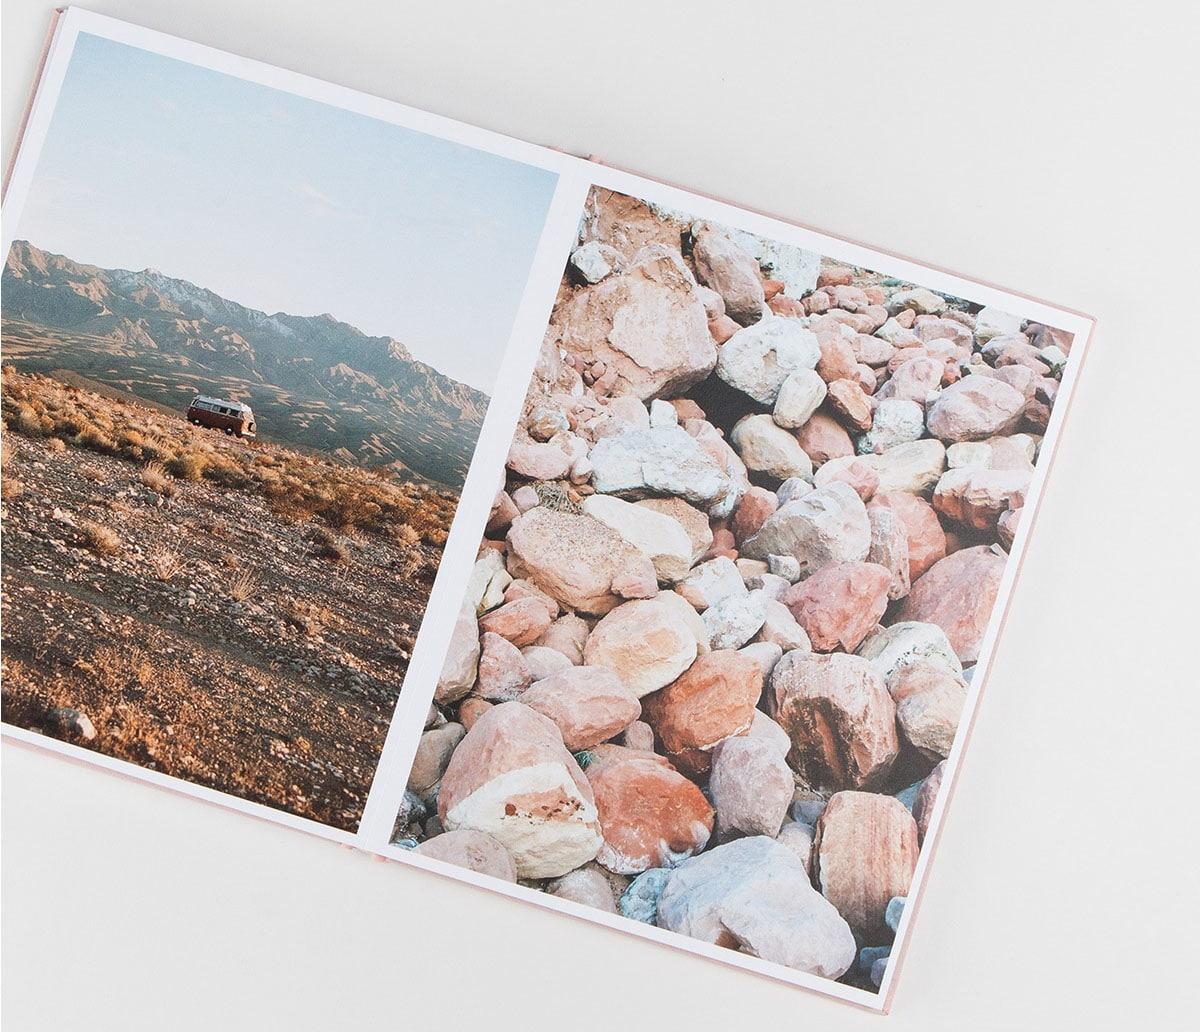 Sách ảnh đẹp hay không phụ thuộc rất nhiều vào các sắp xếp bố cục của bạn